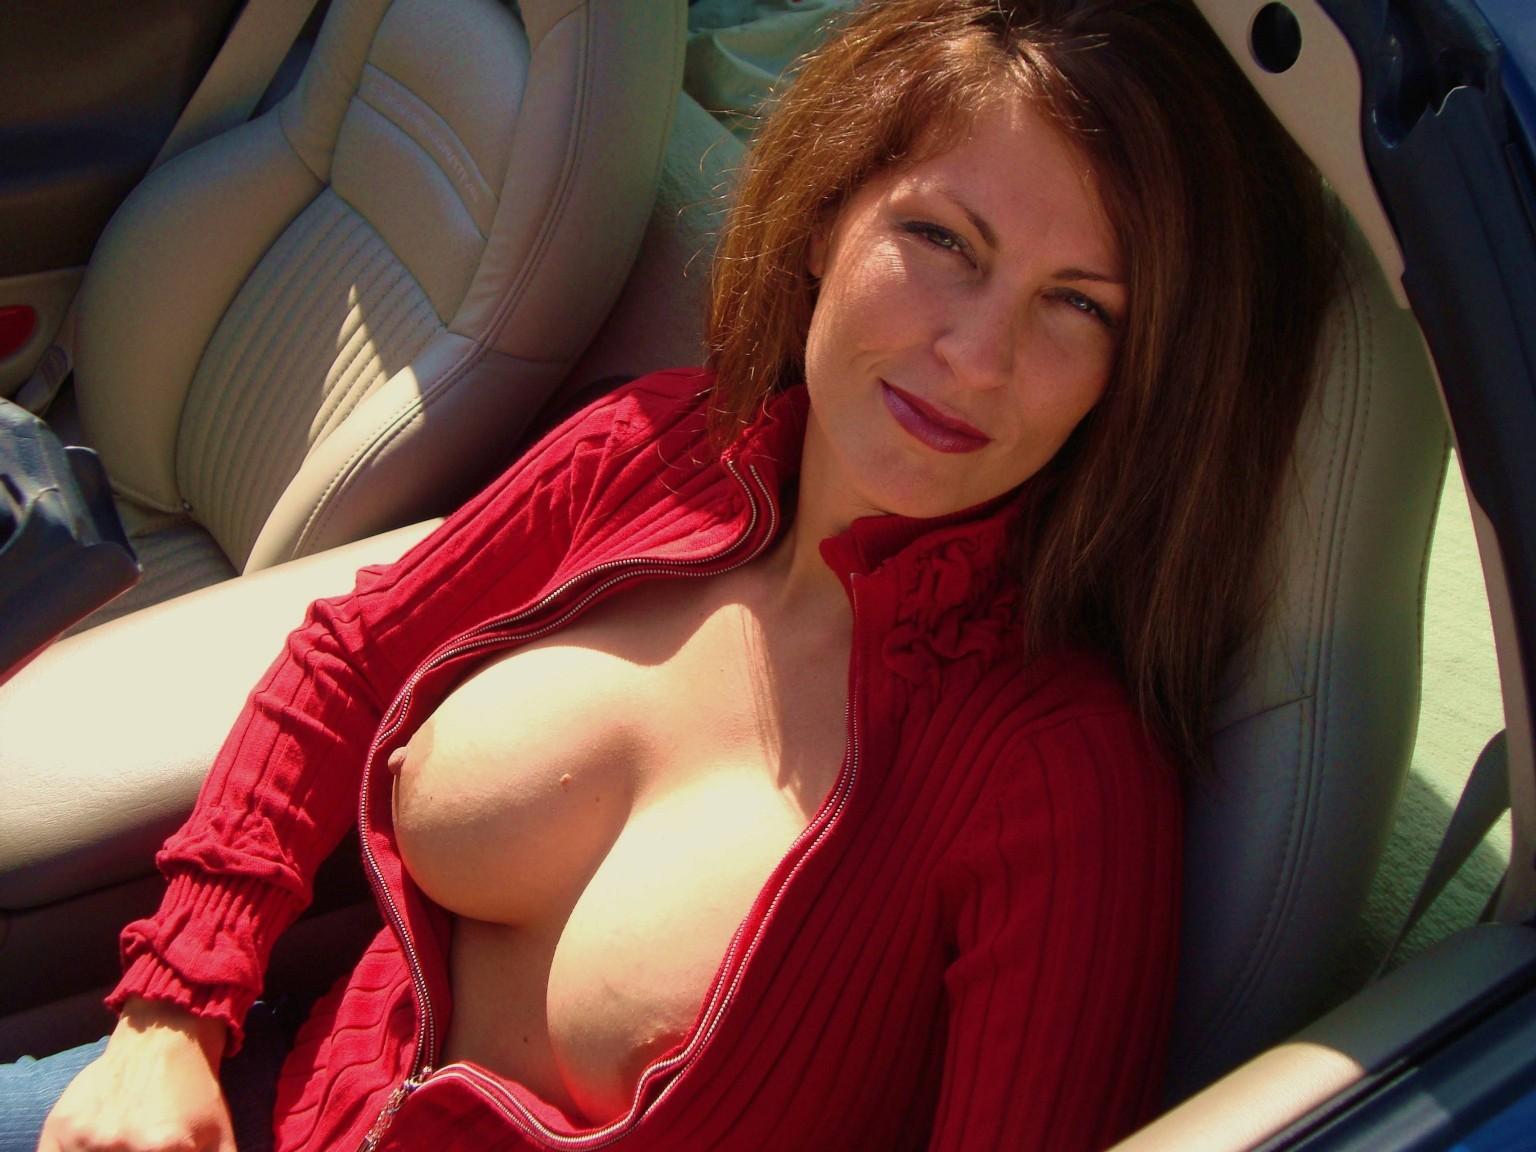 車内で爆乳おっぱい露出して見せつける白人美女さんのエロ画像 3Te22ds4vq0js